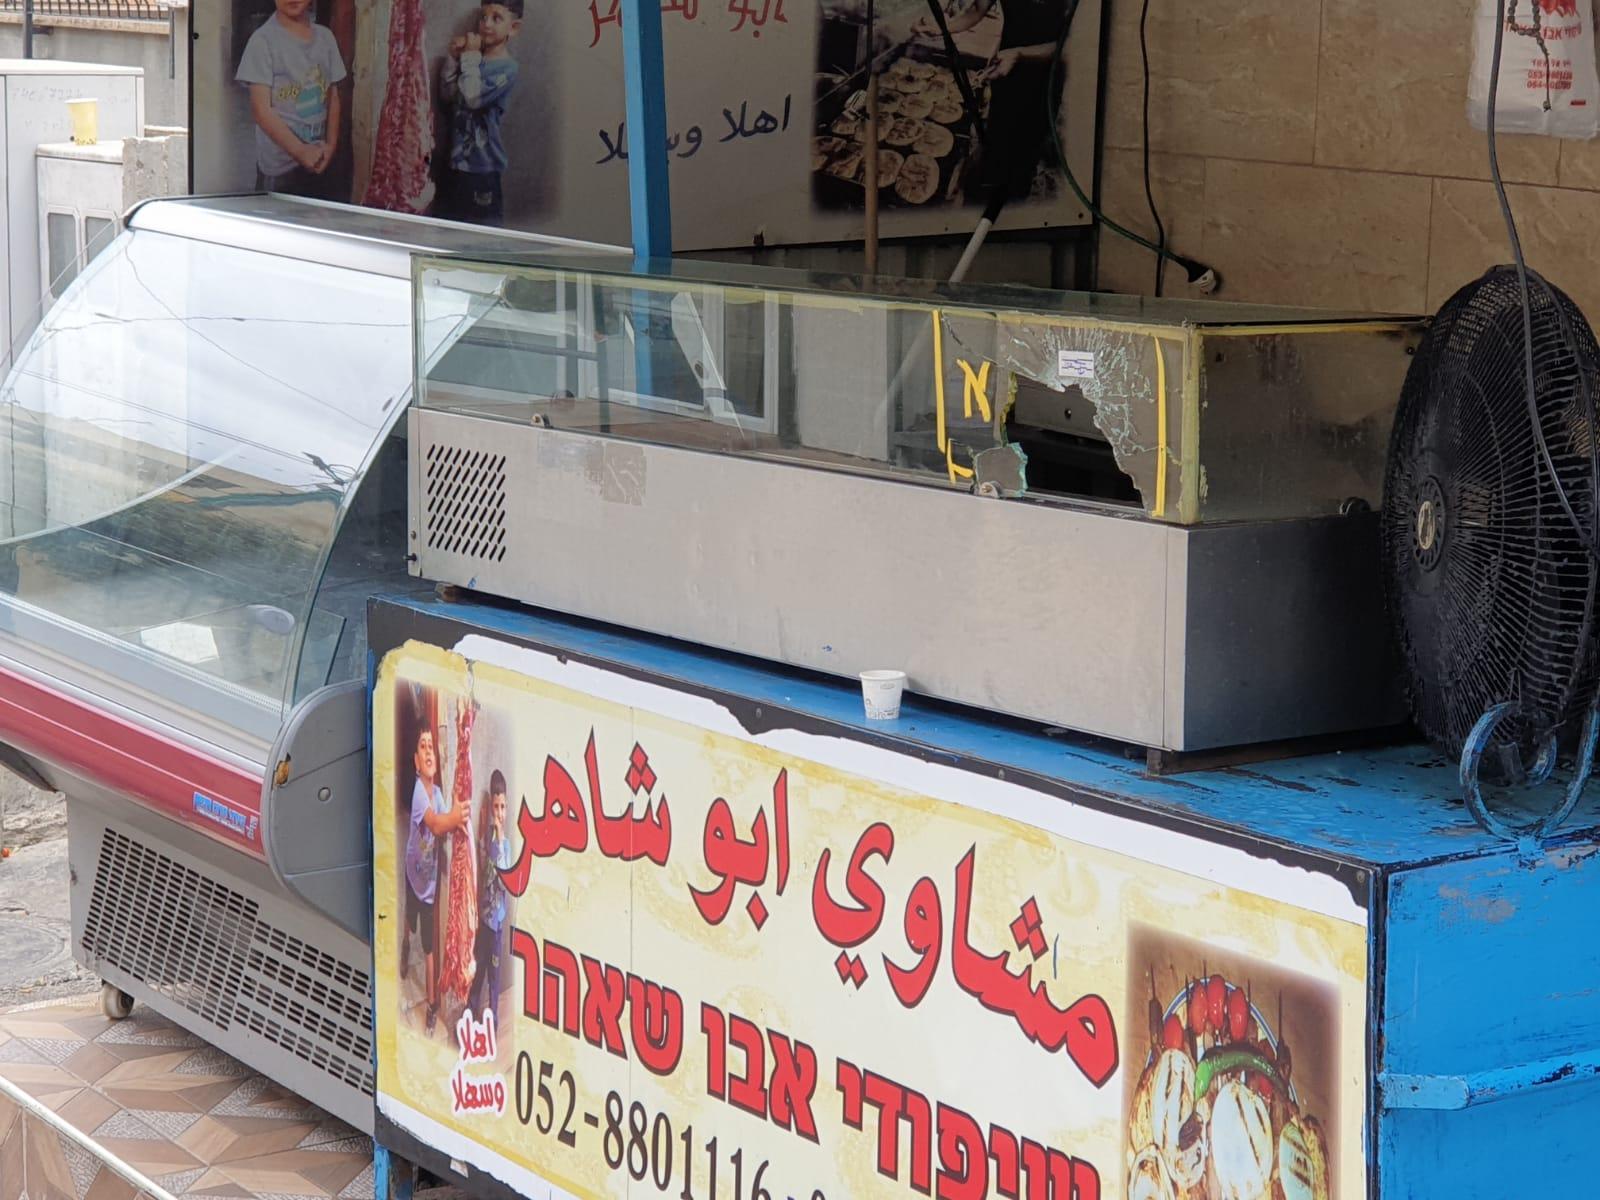 دير الأسد تتشح بالسواد عقب جريمة القتل المزدوجة